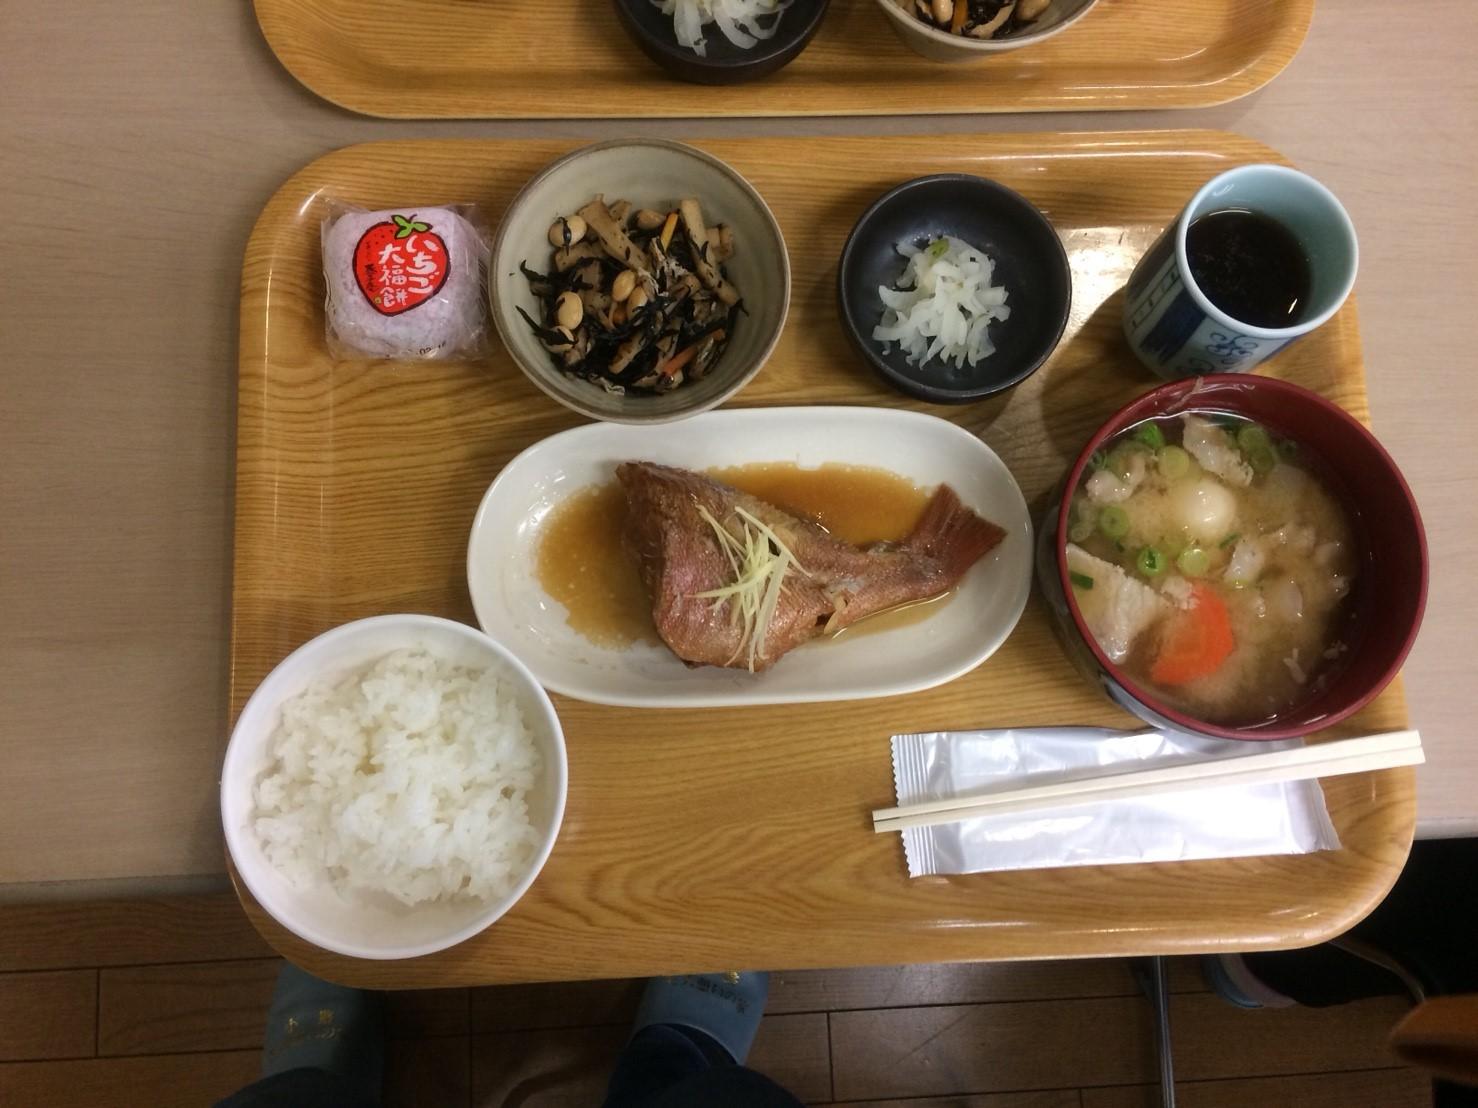 食事サービス (3)